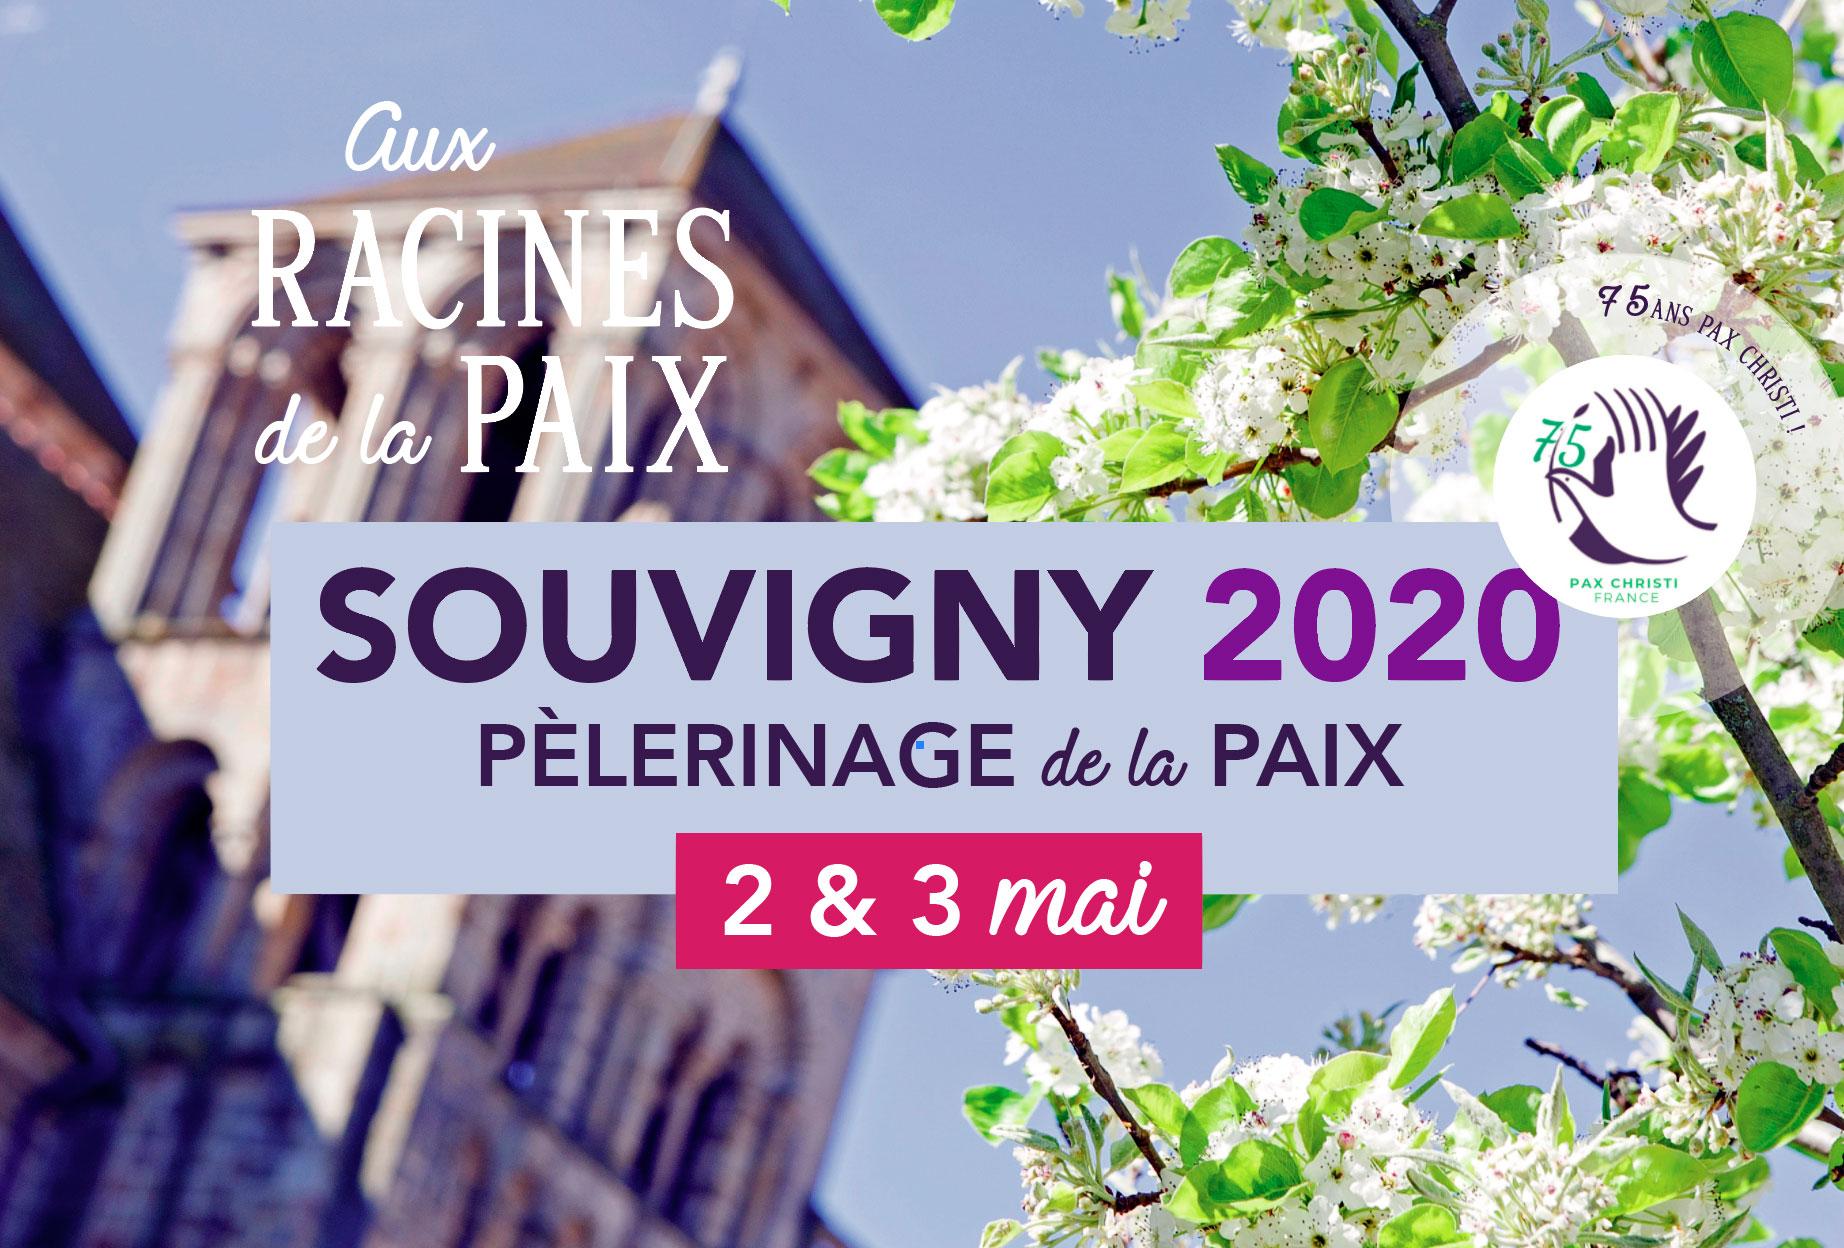 Le pèlerinage de la Paix 2020 à Souvigny, autrement